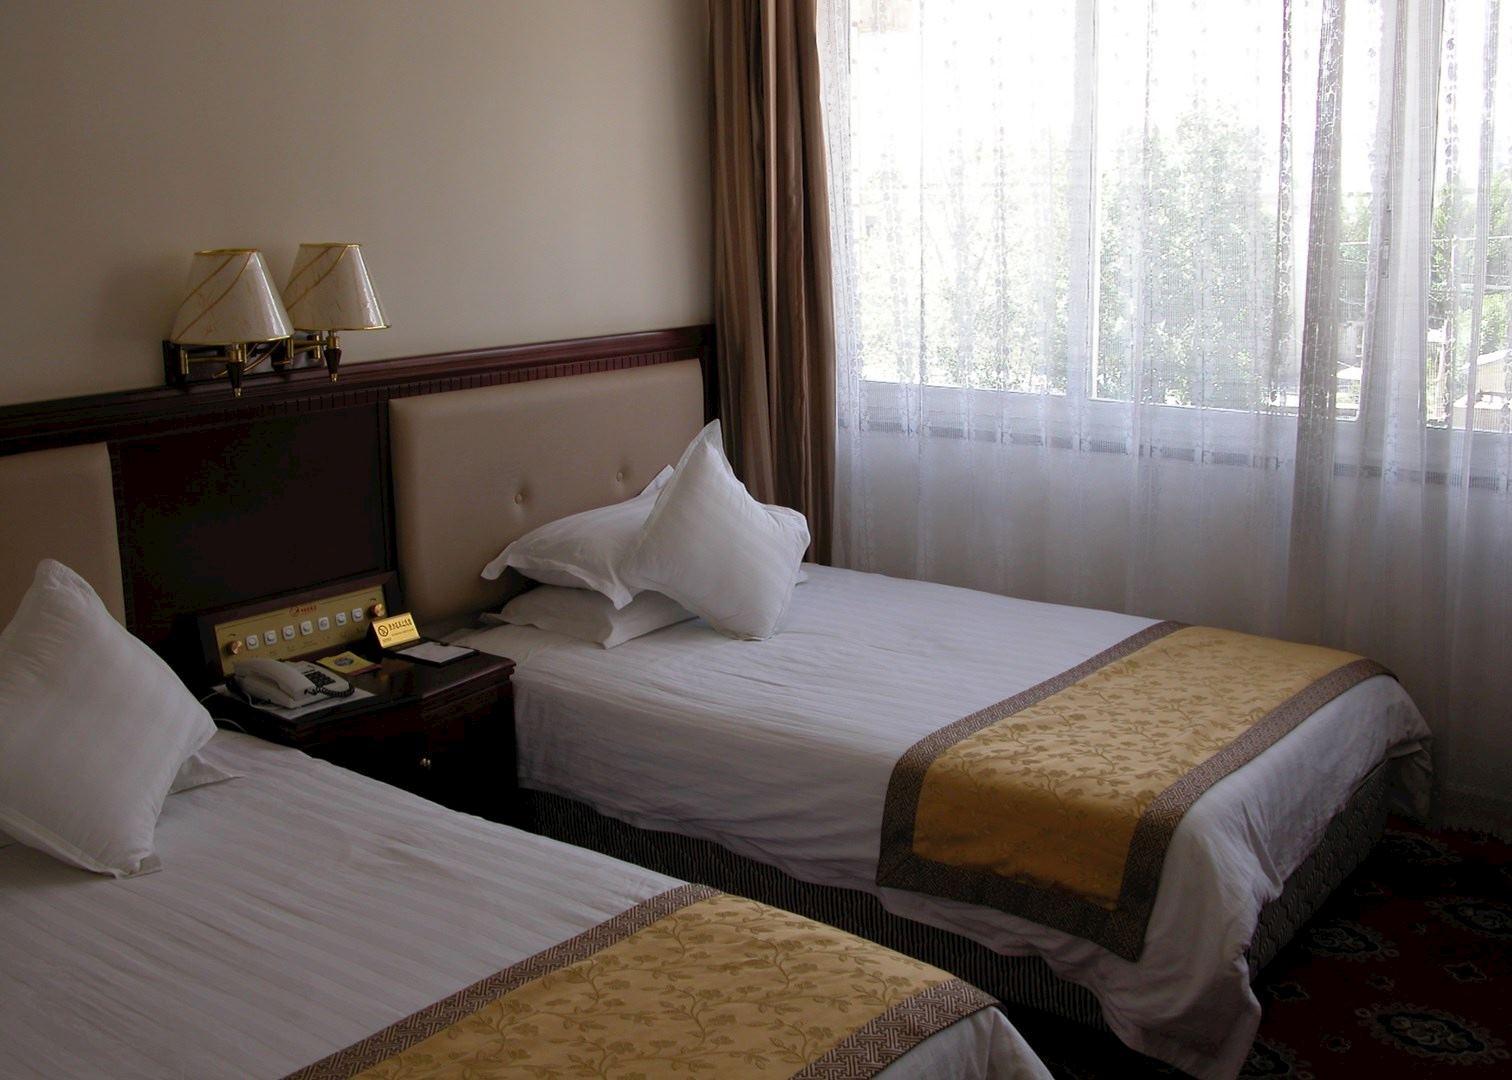 Resultado de imagem para shigatse hotel tibet